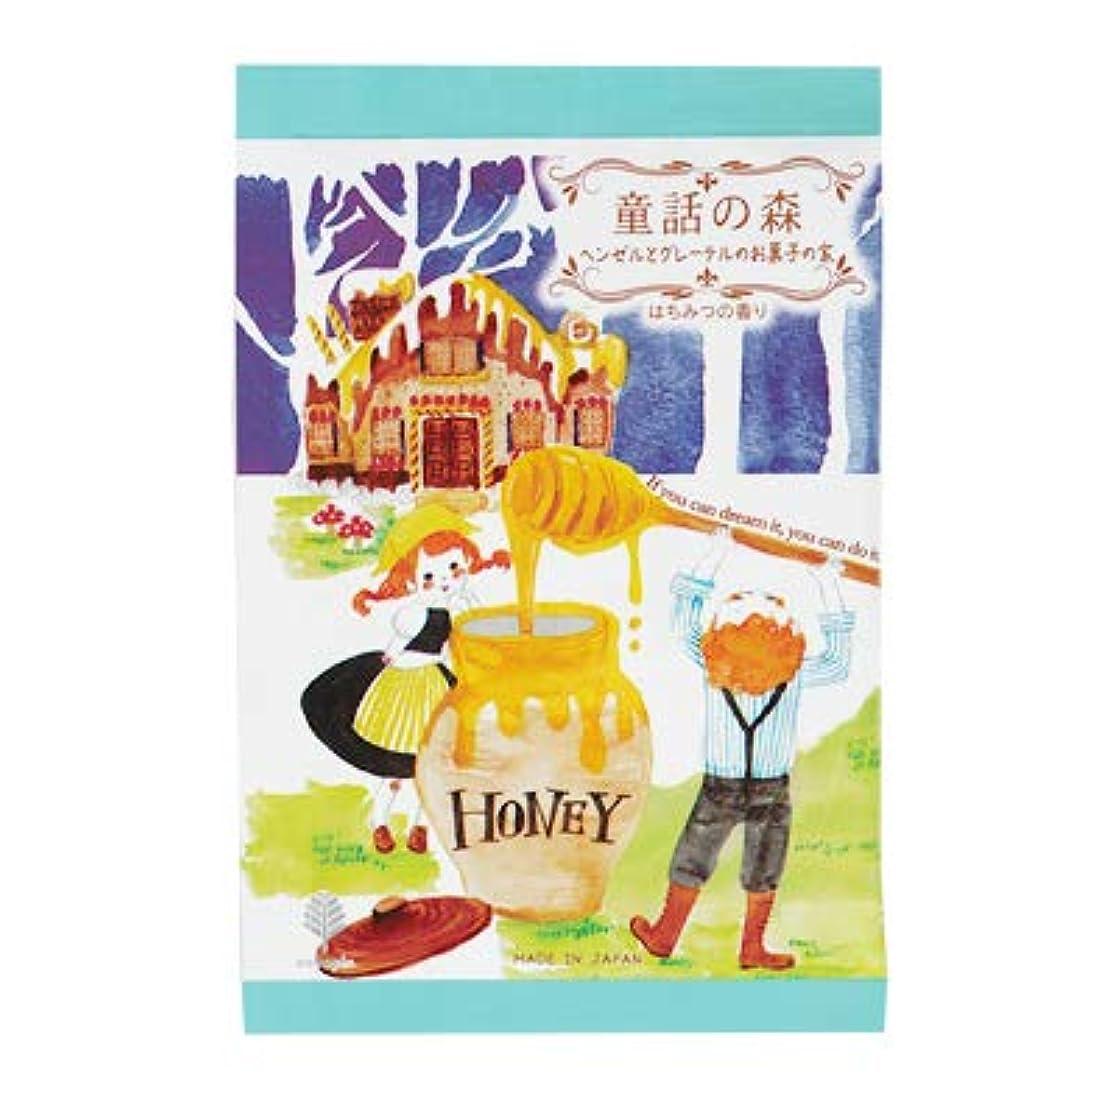 排泄するリーダーシップ連結する【まとめ買い6個セット】 童話の森 ヘンゼルとグレーテルのお菓子の家